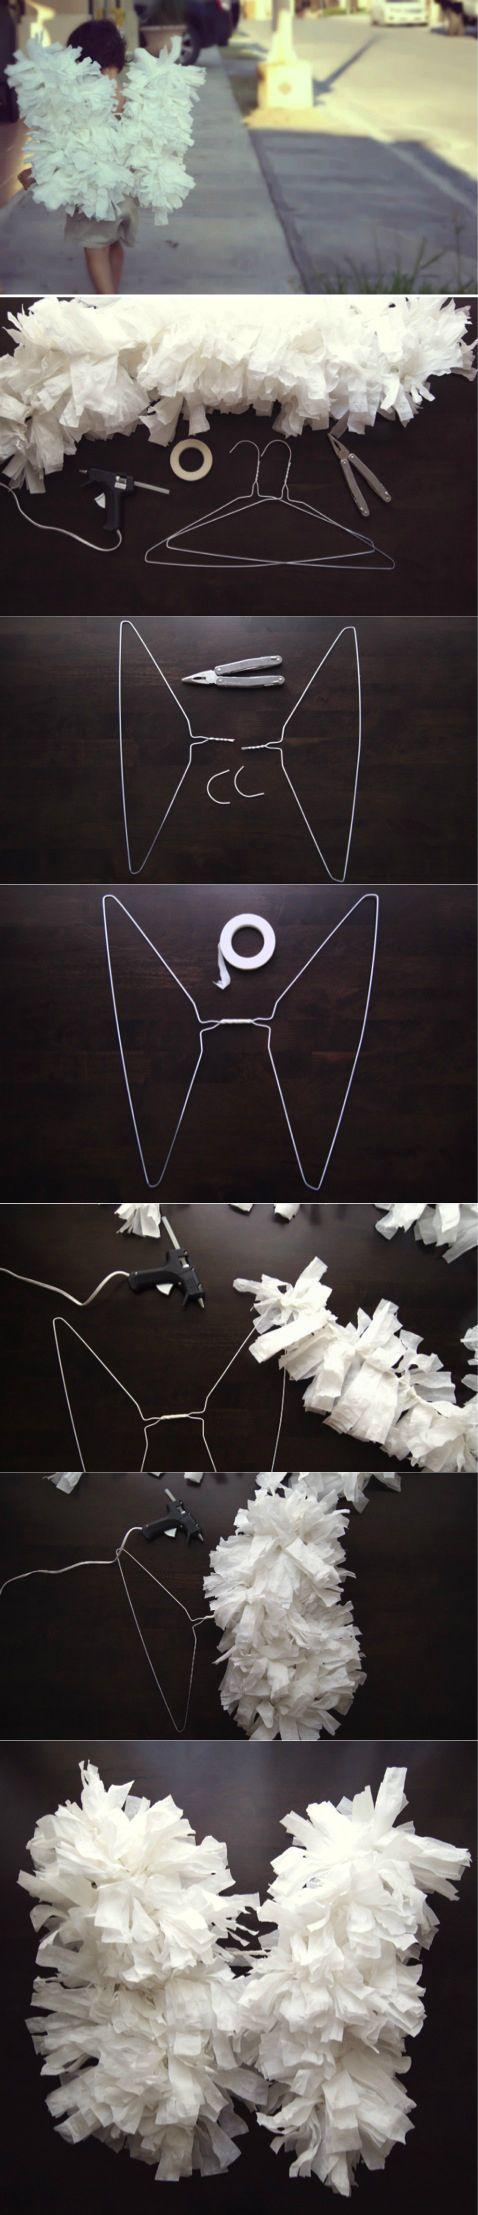 DIY angel wings using crepe paper and hangers - Cómo hacer alitas de ángel con papel crepé y ganchos.... could work as a Halloween Costume DIY: Angel